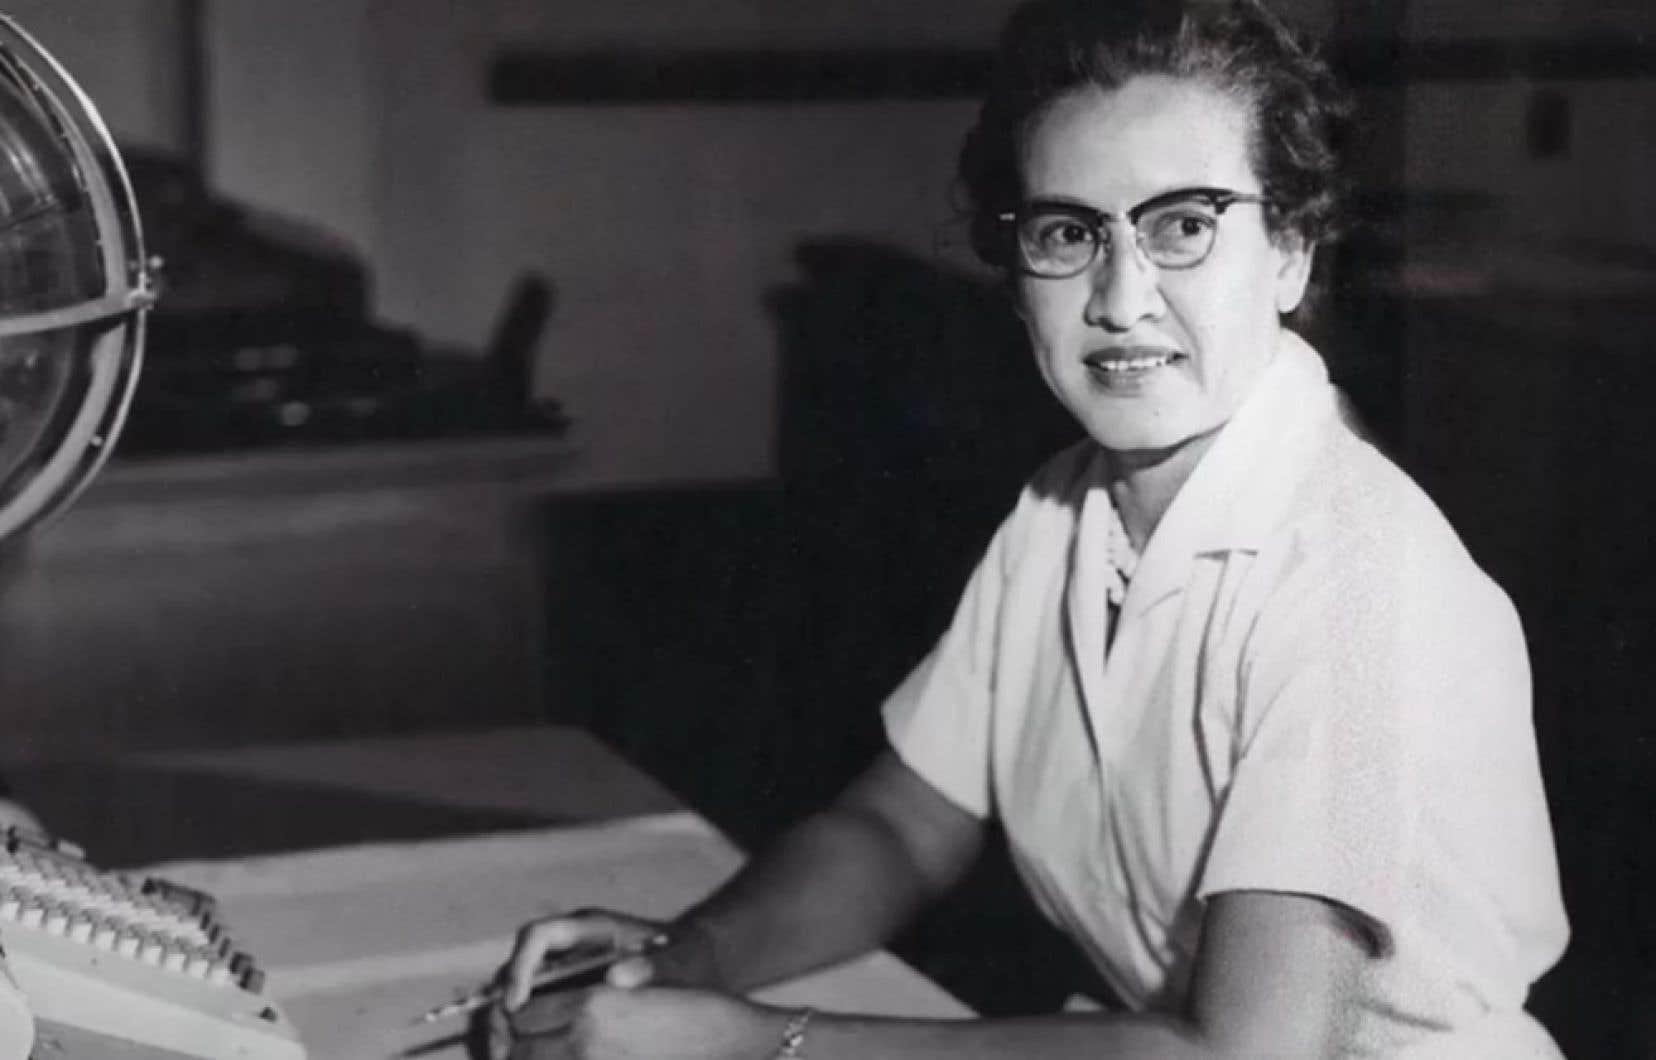 Katherine Johnsona notamment calculé les trajectoires d'Apollo 11, la mission historique qui a fait de Neil Armstrong le premier homme à marcher sur la Lune en 1969.